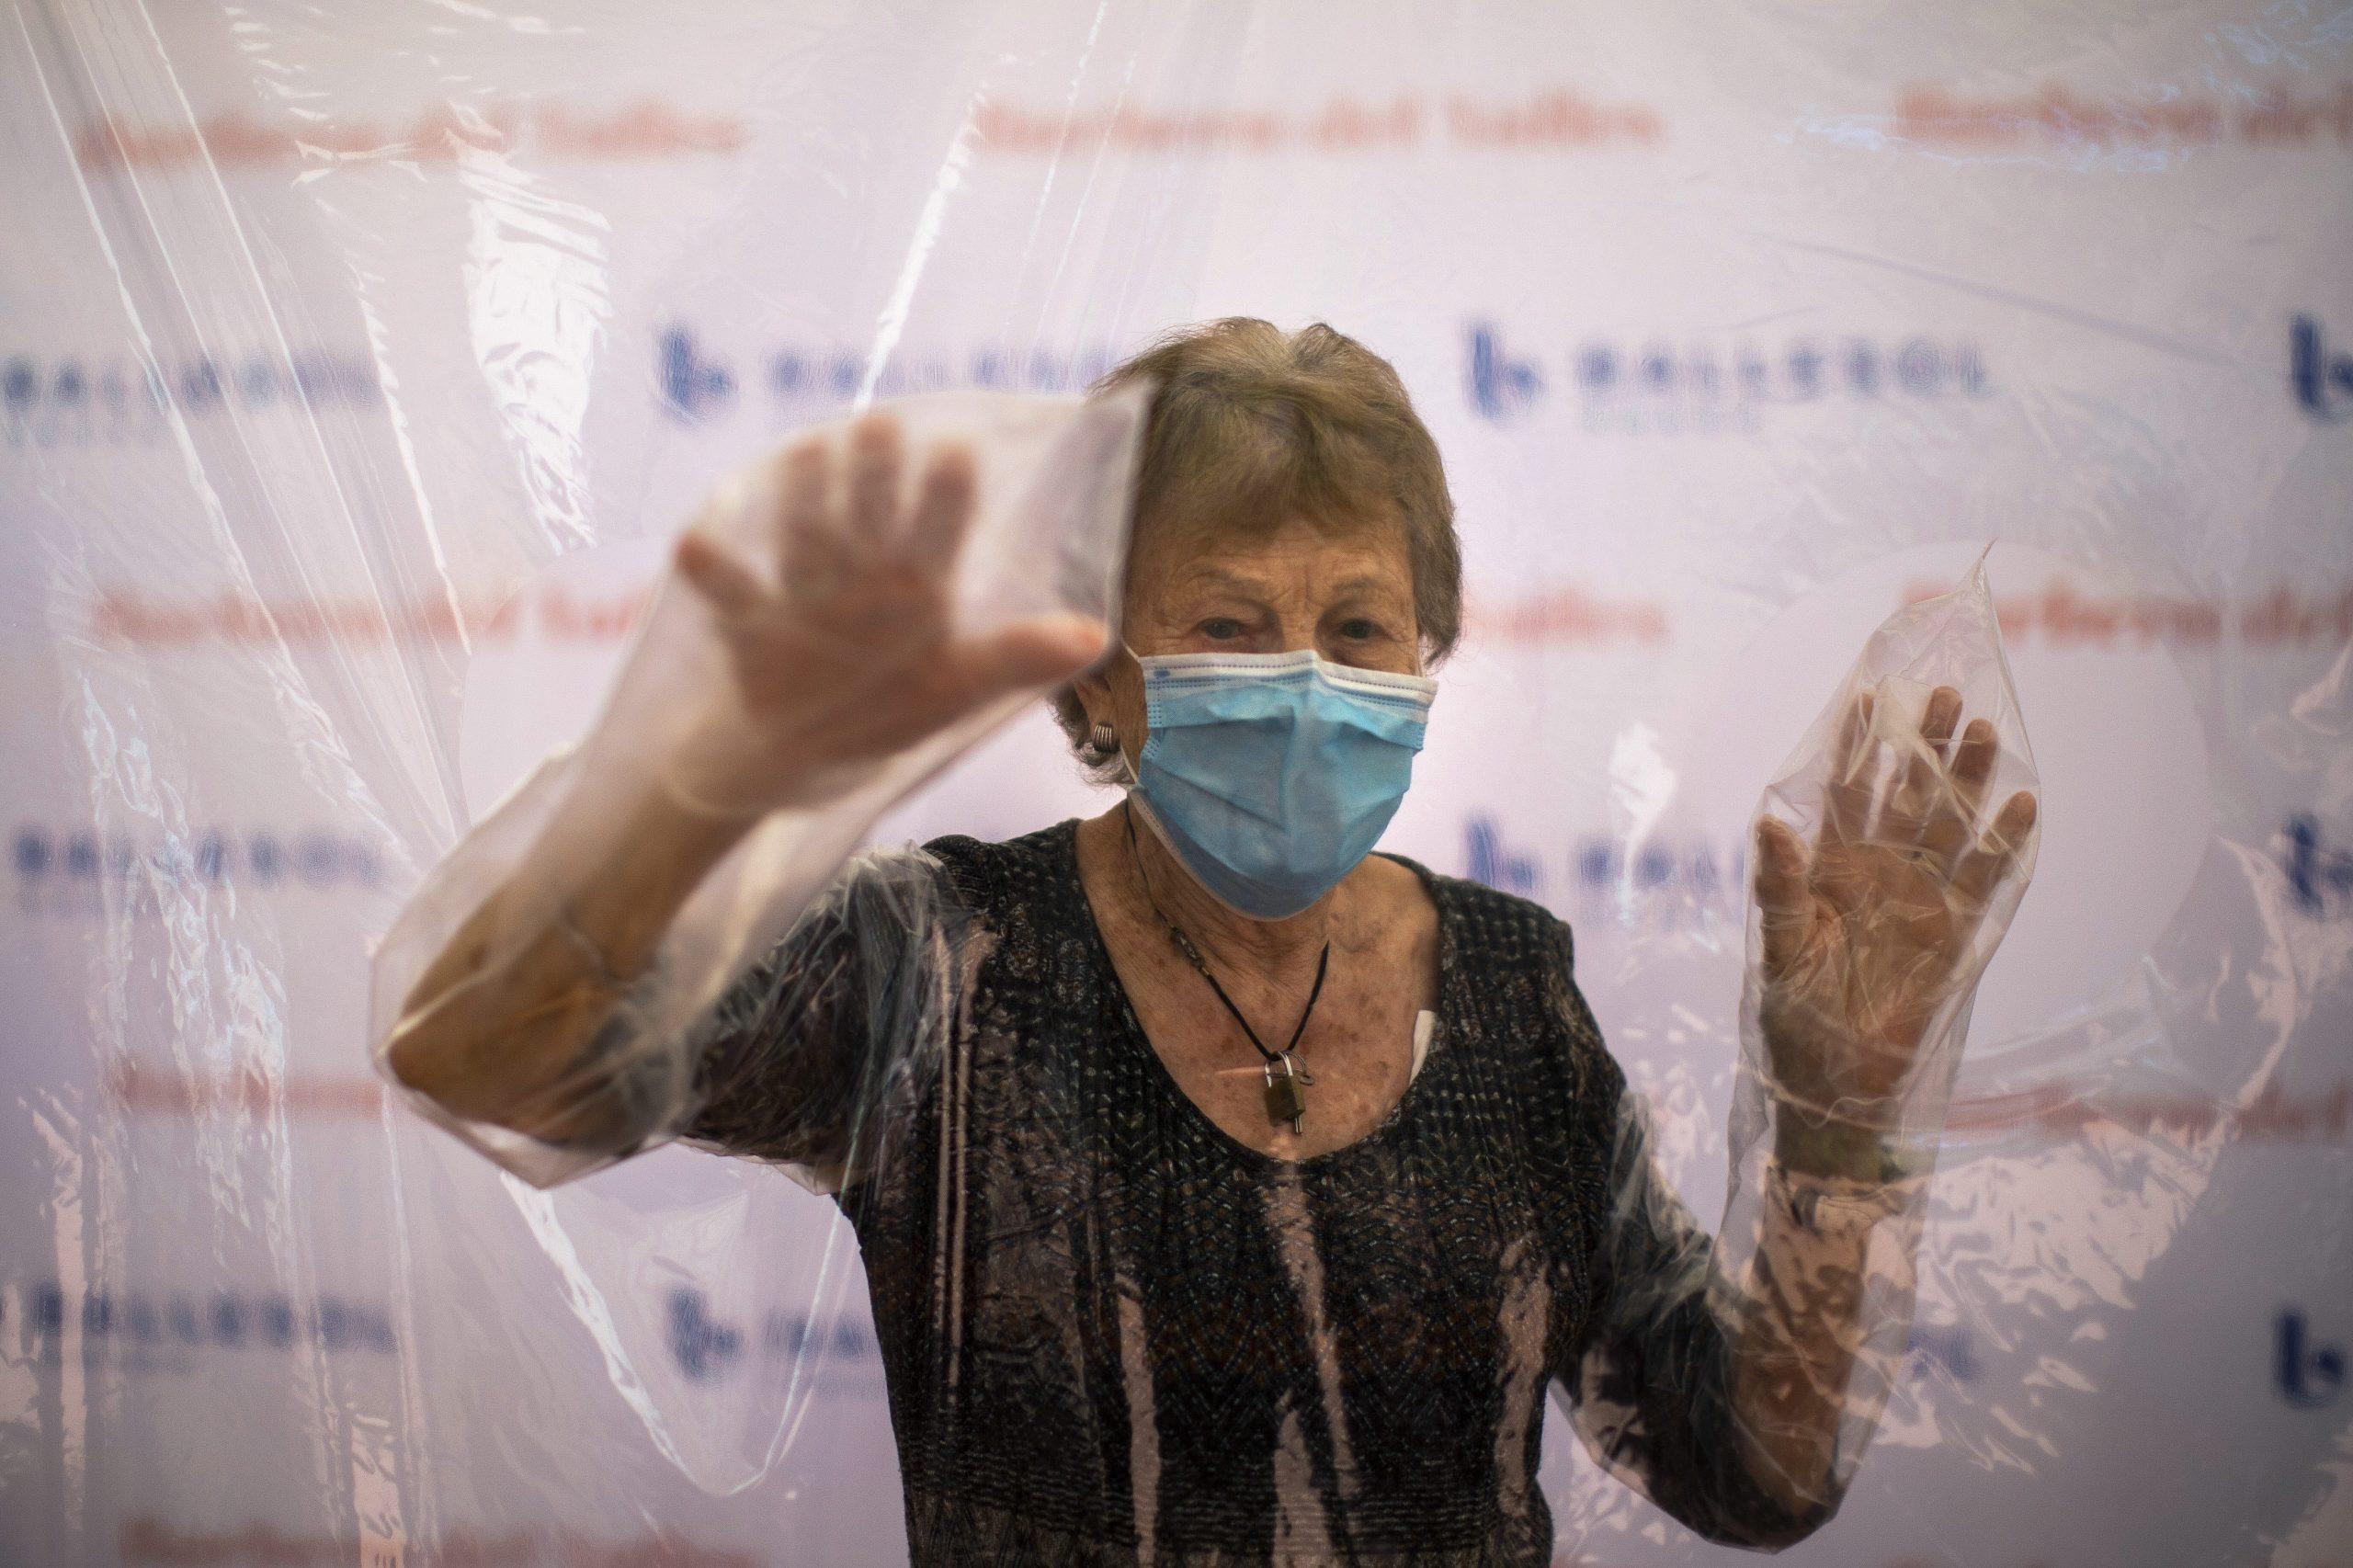 Separare giovani e anziani per combattere il virus è fattibile?